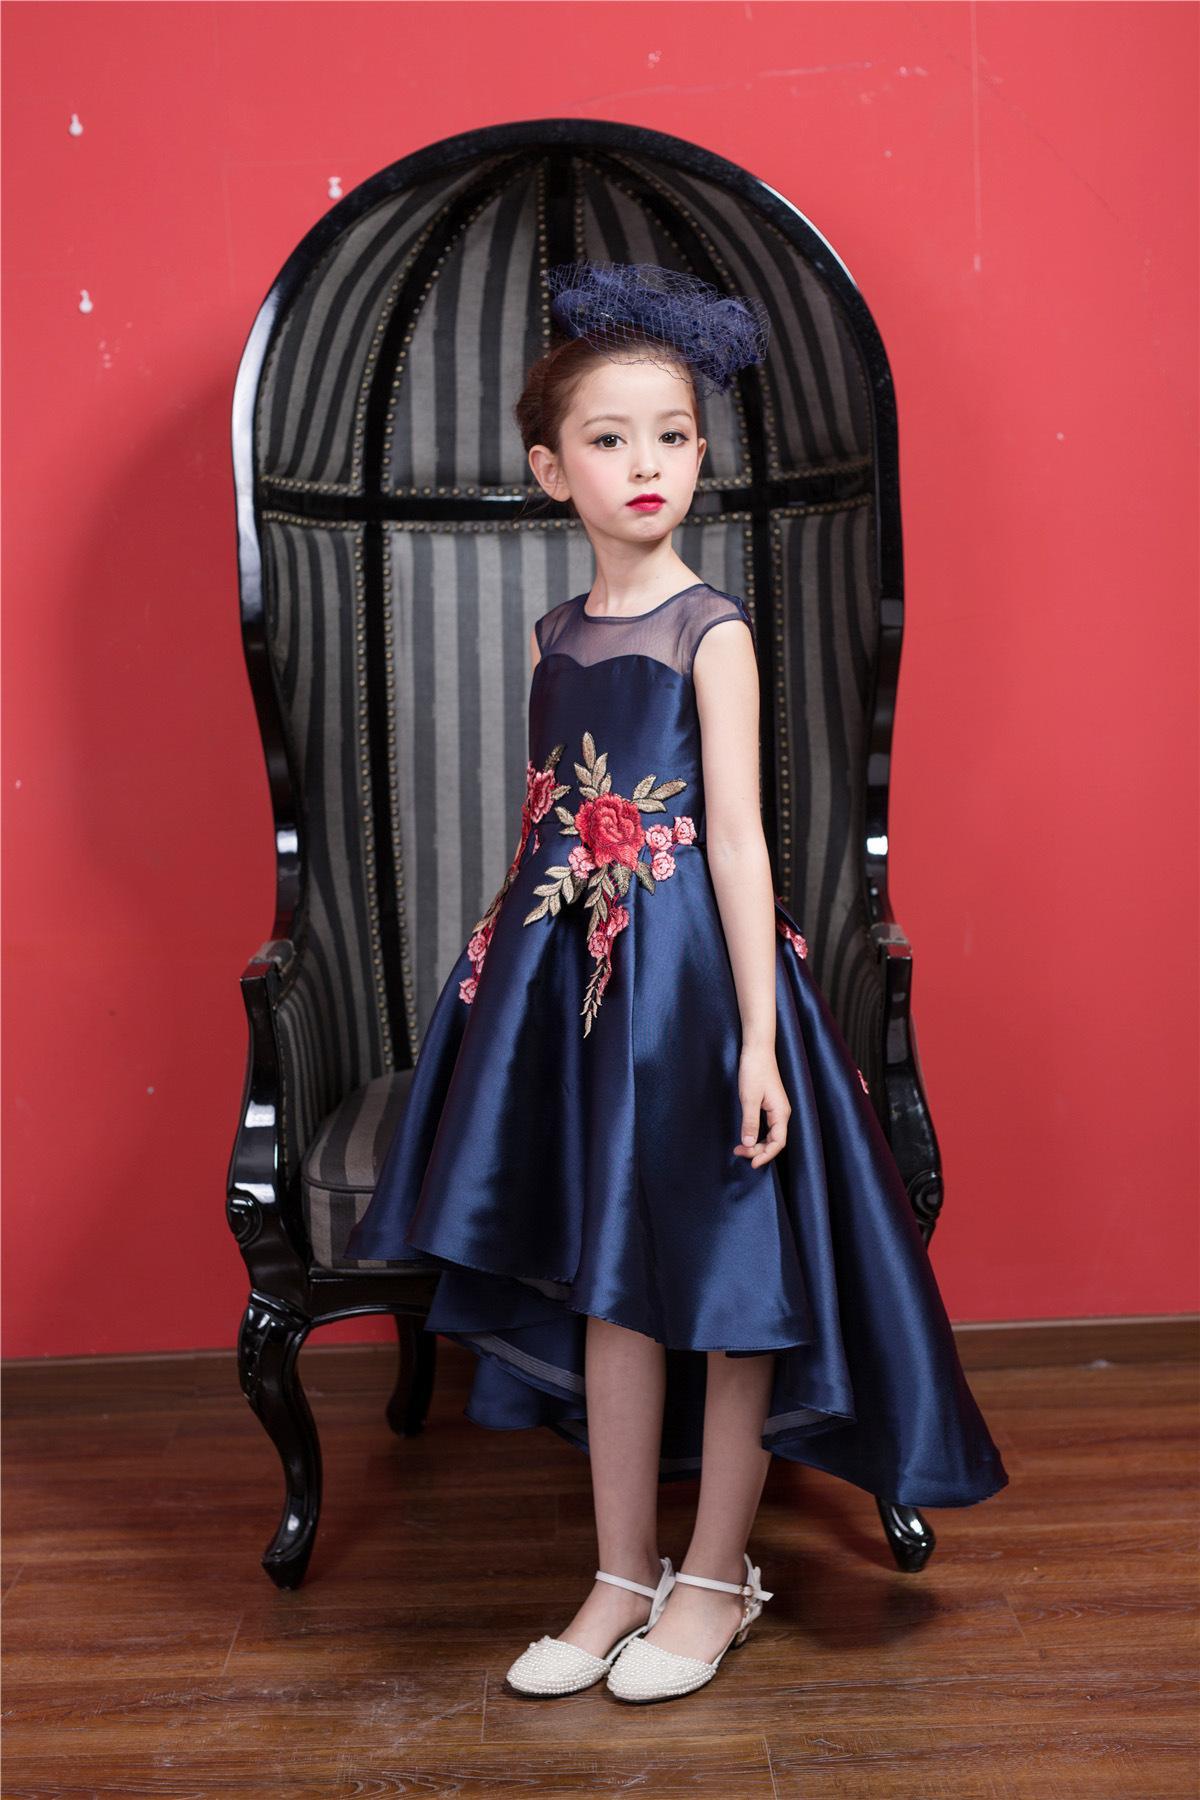 Azul marinho curto frente formal girl dress natal kid party vestido de 3 4 6 8 10 12 ano de idade 2017 criança meninas roupas rkf174036